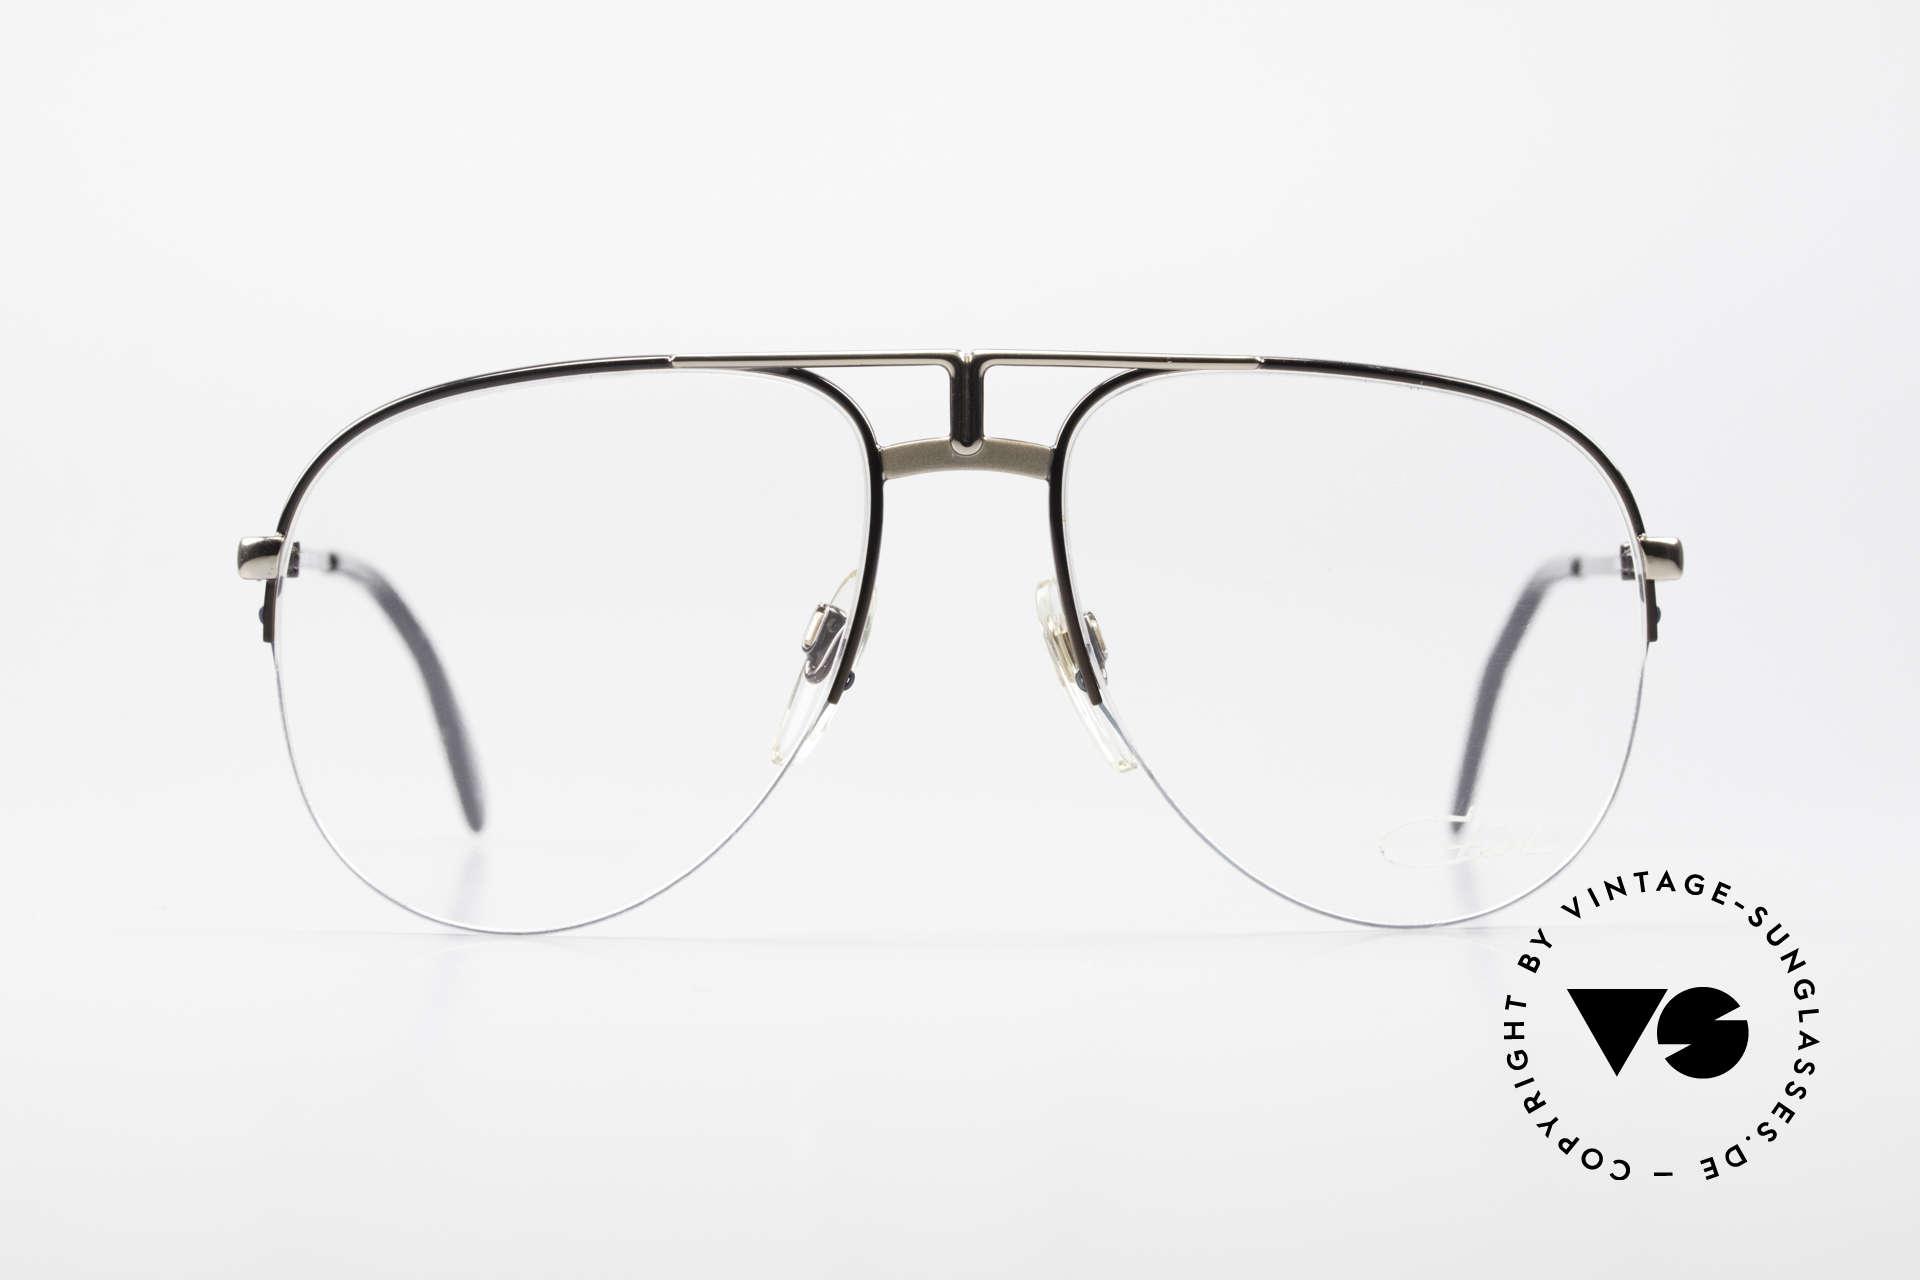 Cazal 717 Old 80's Glasses Semi Rimless, 1980's designer eyeglasses by CAri ZALloni, Made for Men